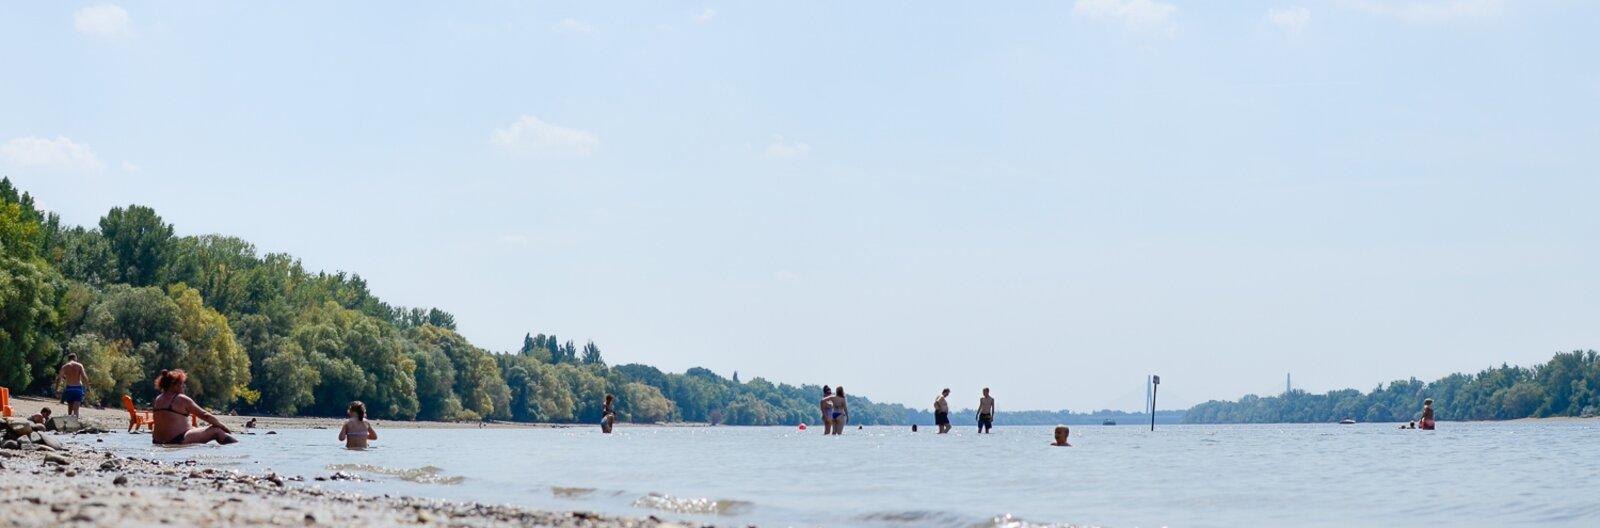 Természetes strandok a főváros közelében, ahol megmártózhatsz